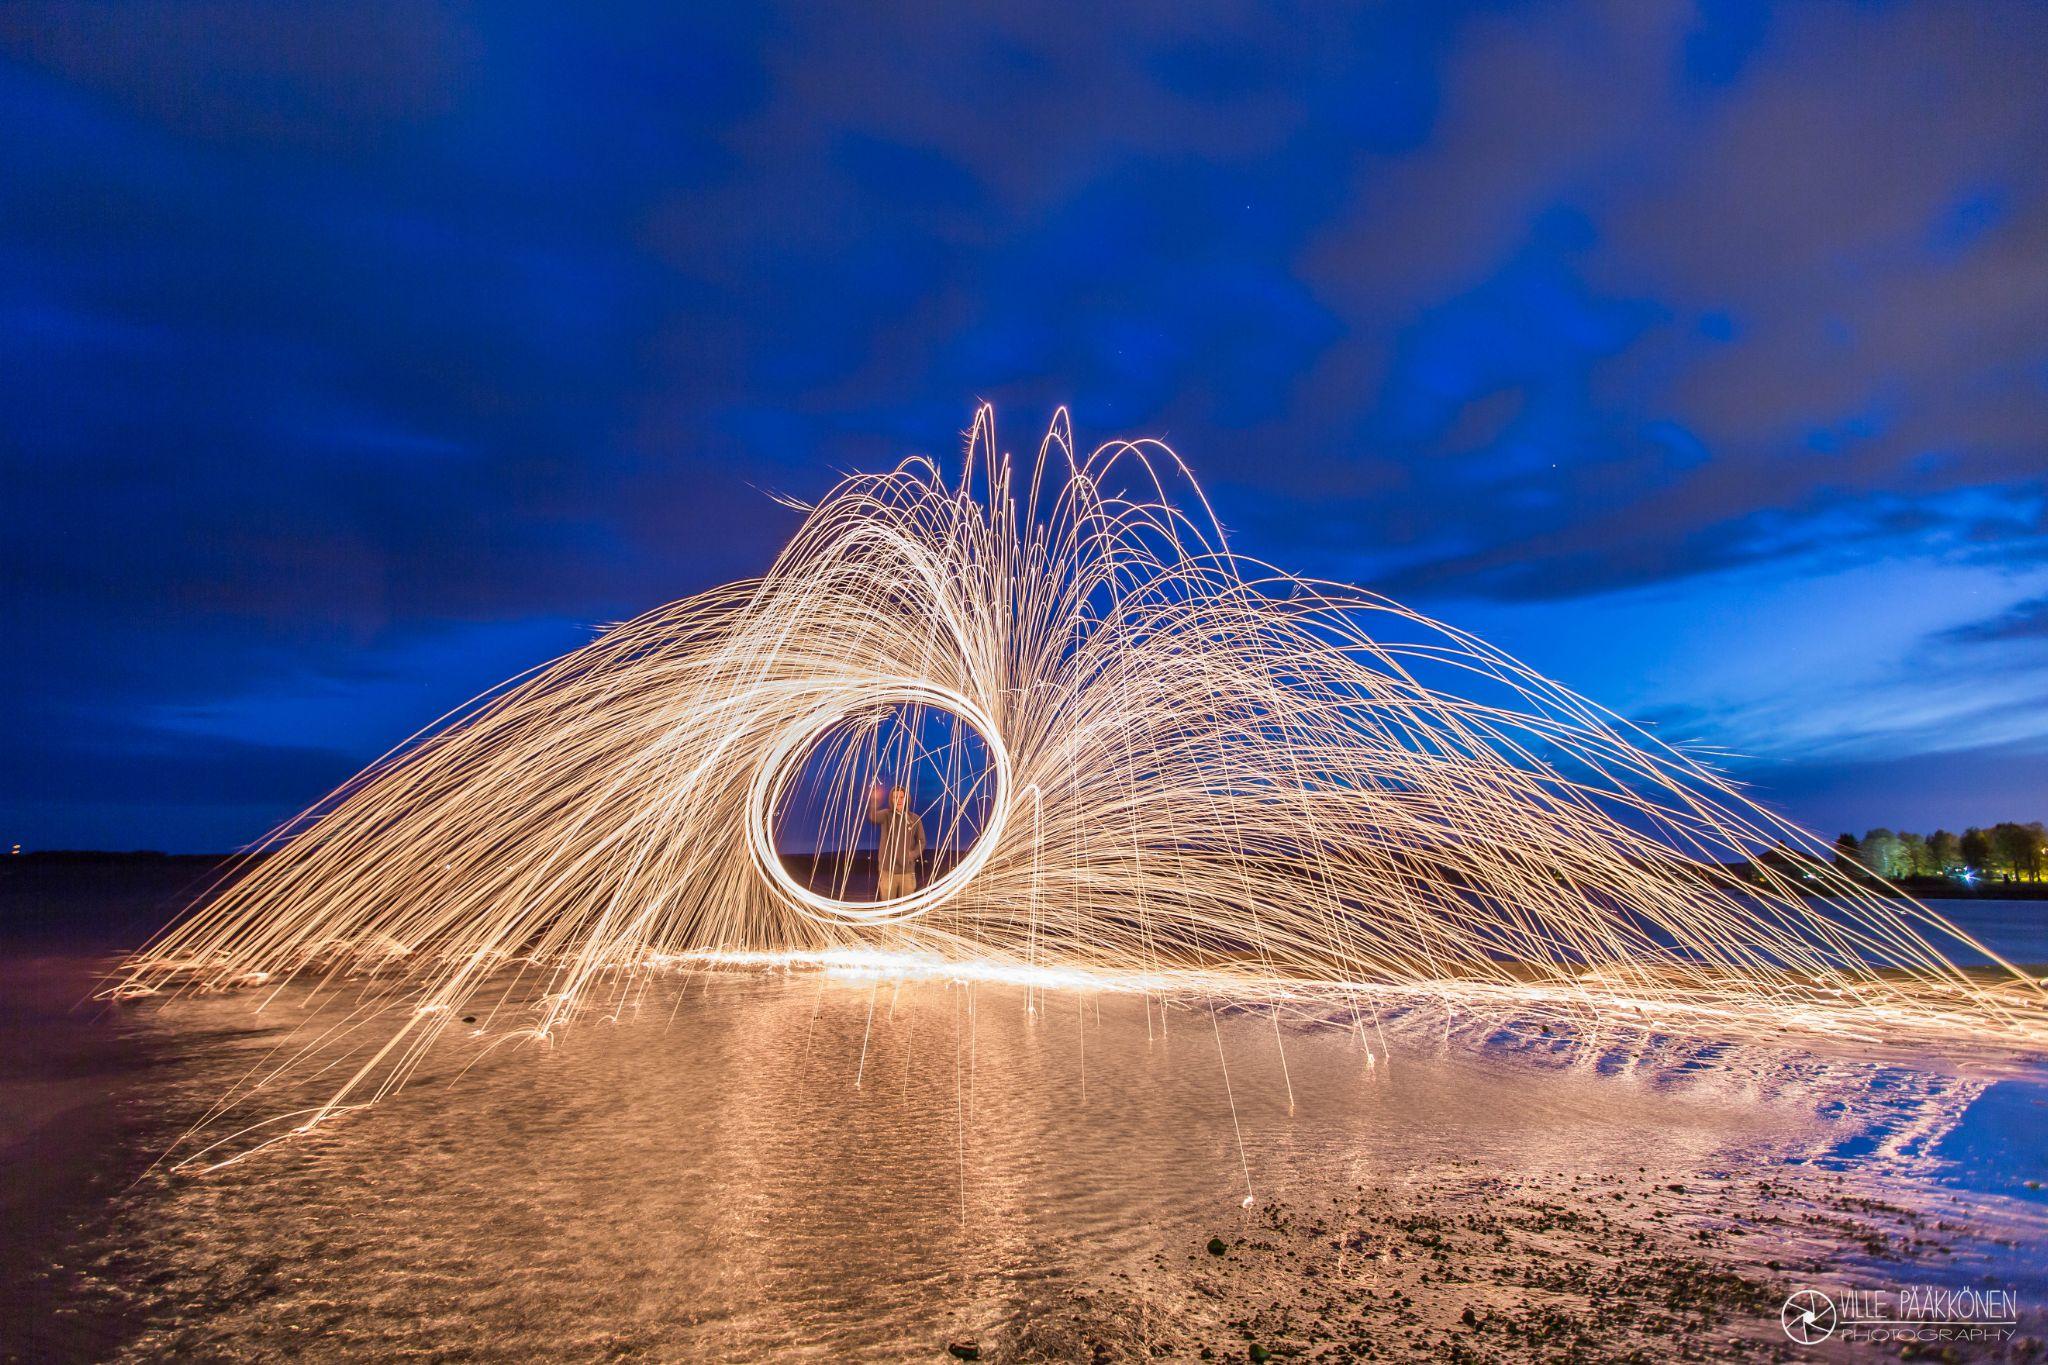 fireball by Ville Pääkkönen